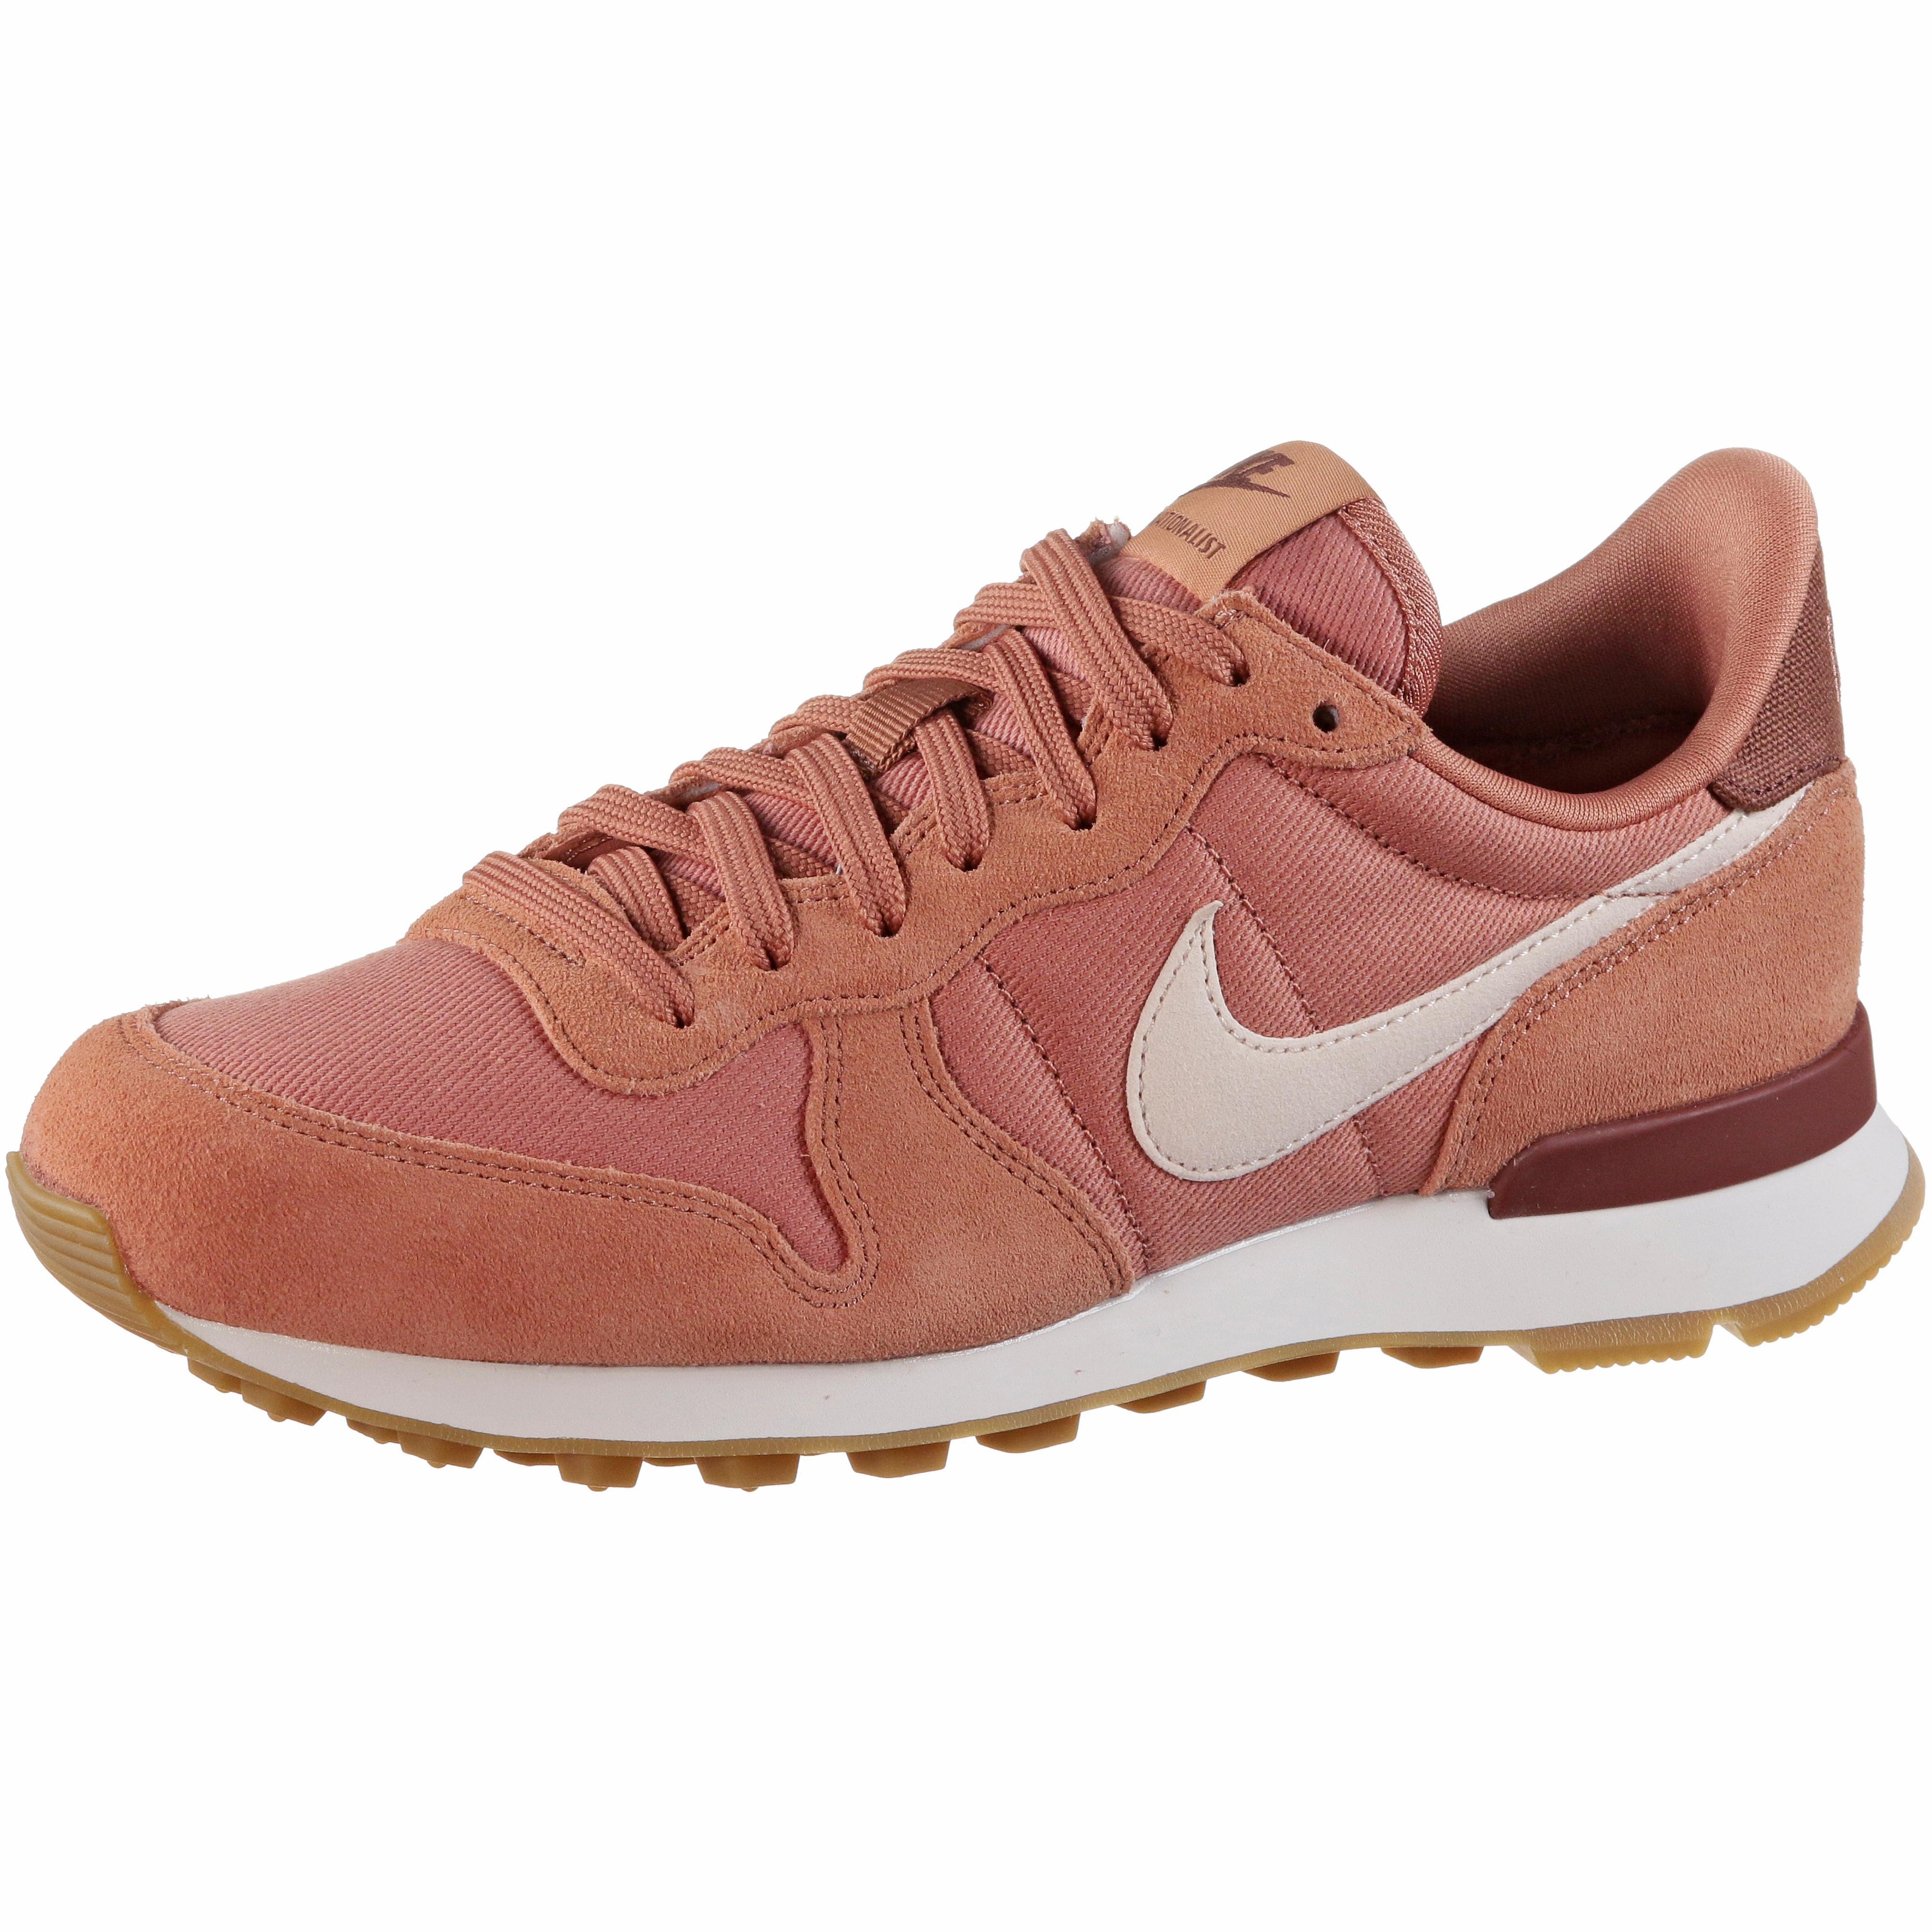 Nike INTERNATIONALIST Sneaker Damen terra blush-guava ice-summit white im  Online Shop von SportScheck kaufen